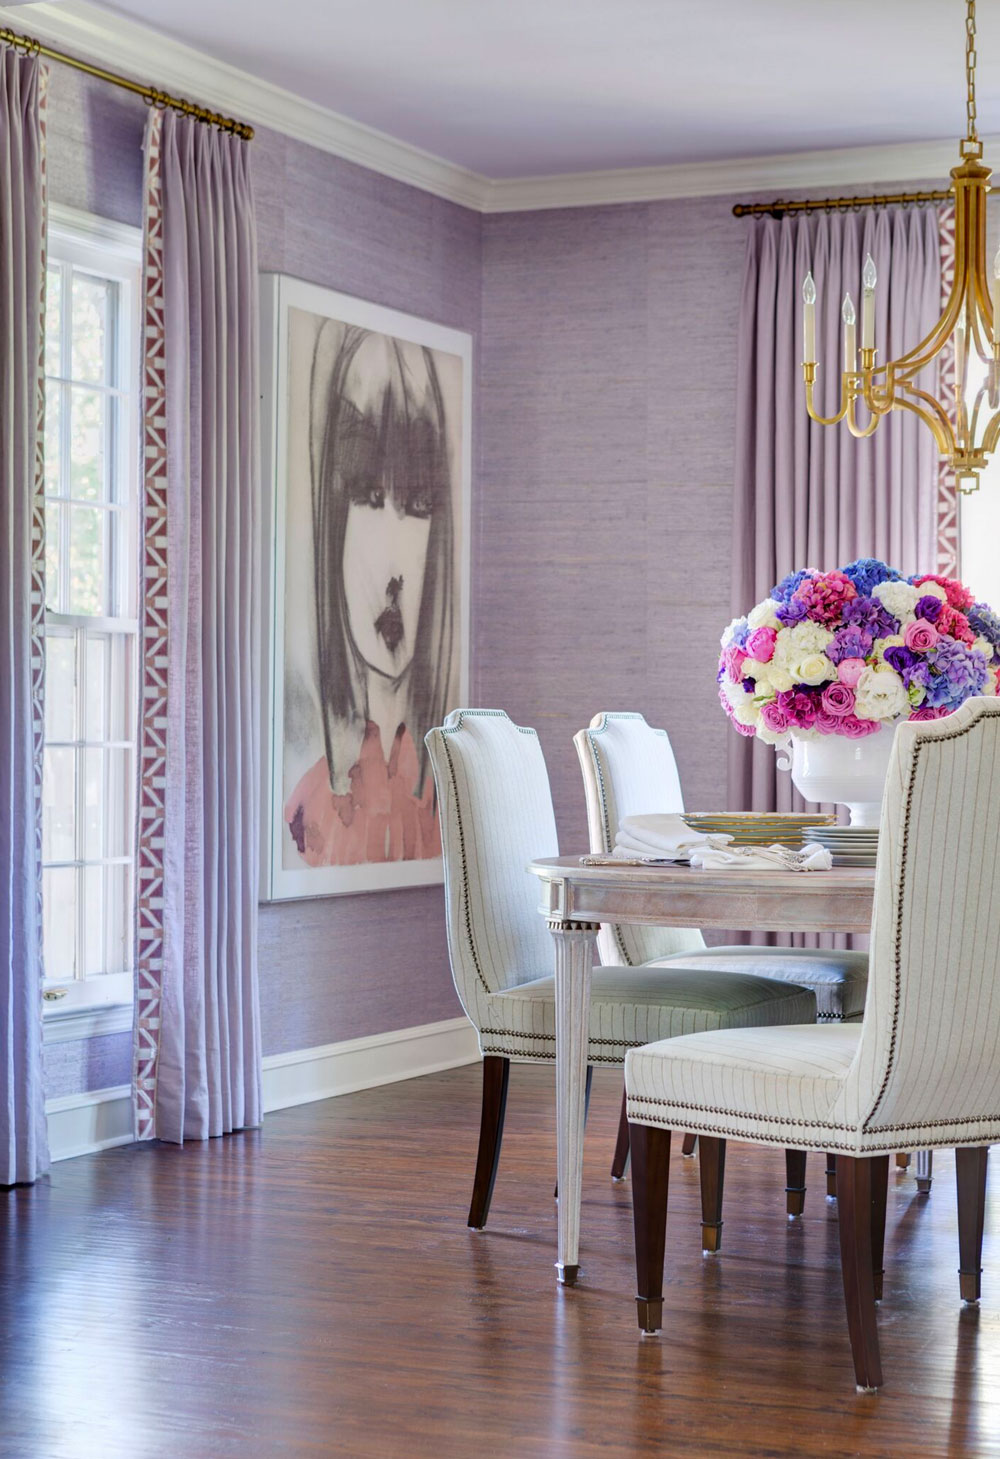 Molly-Ray-Young-Interior-Design-Little-Rock-Arkansas-Dining-Room-Purple-Rett-Peek.jpg